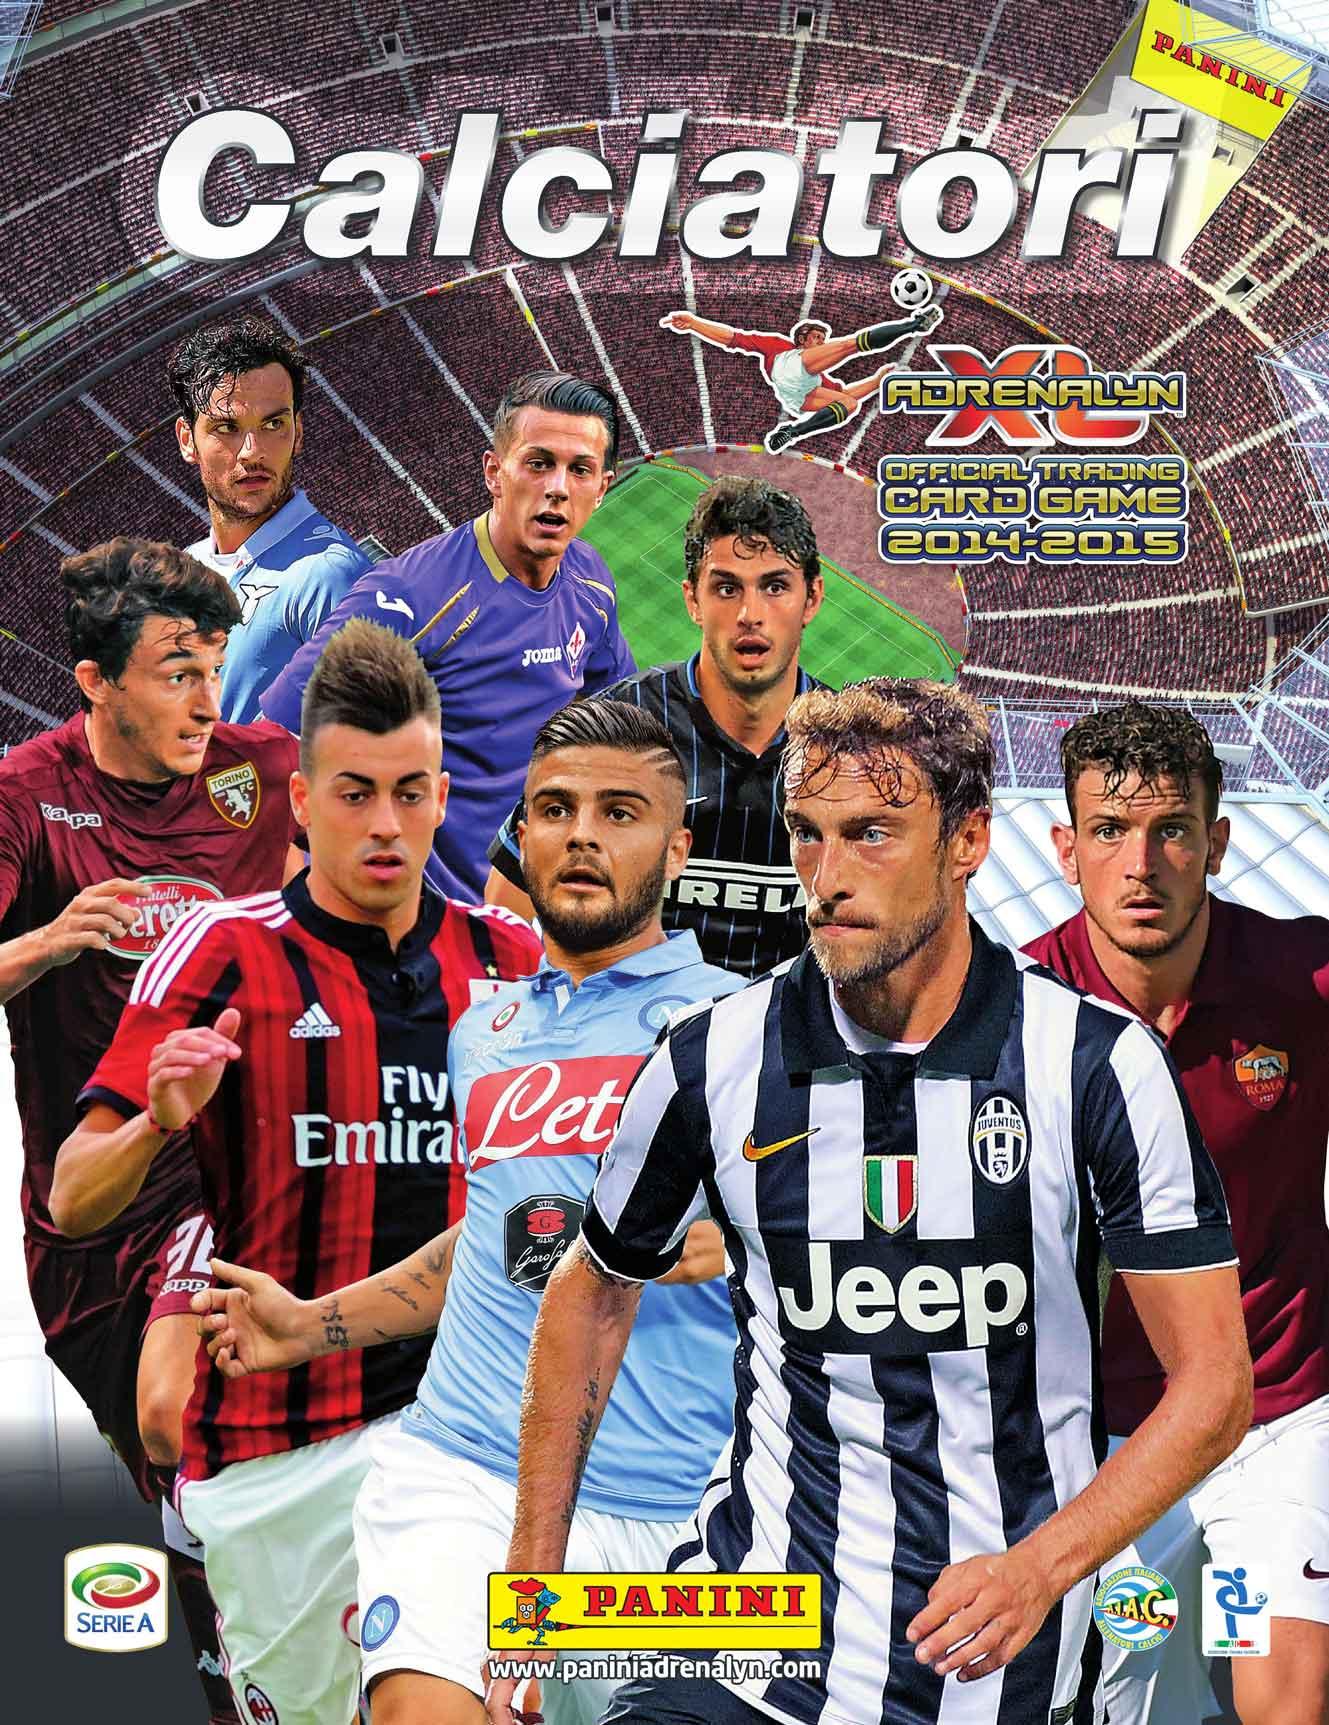 Calciatori Panini: ecco Adrenalyn XL, le nuove card dei ...